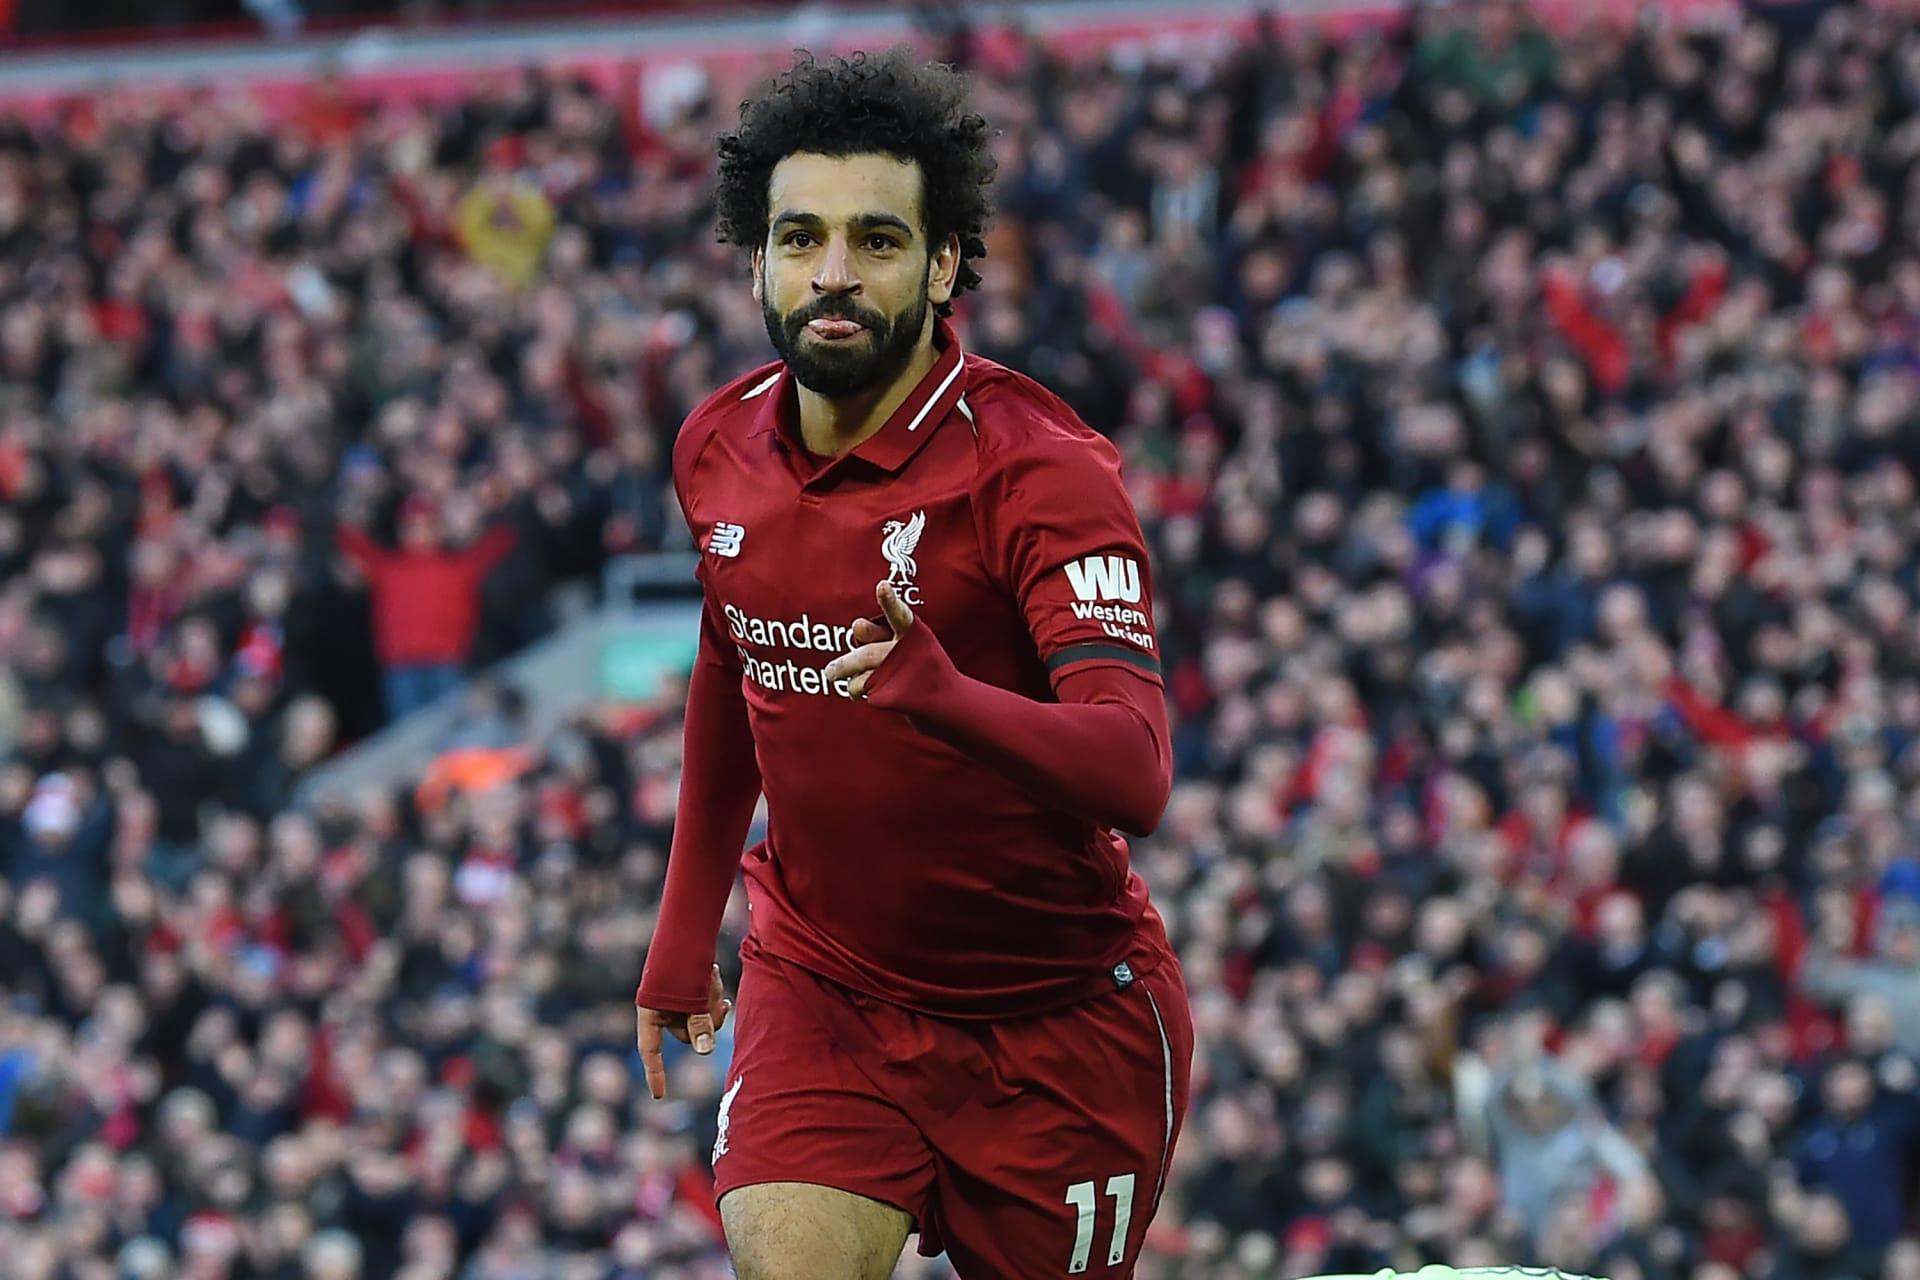 محمد صلاح: لقب هداف الدوري الإنجليزي ليس هدفي الرئيسي